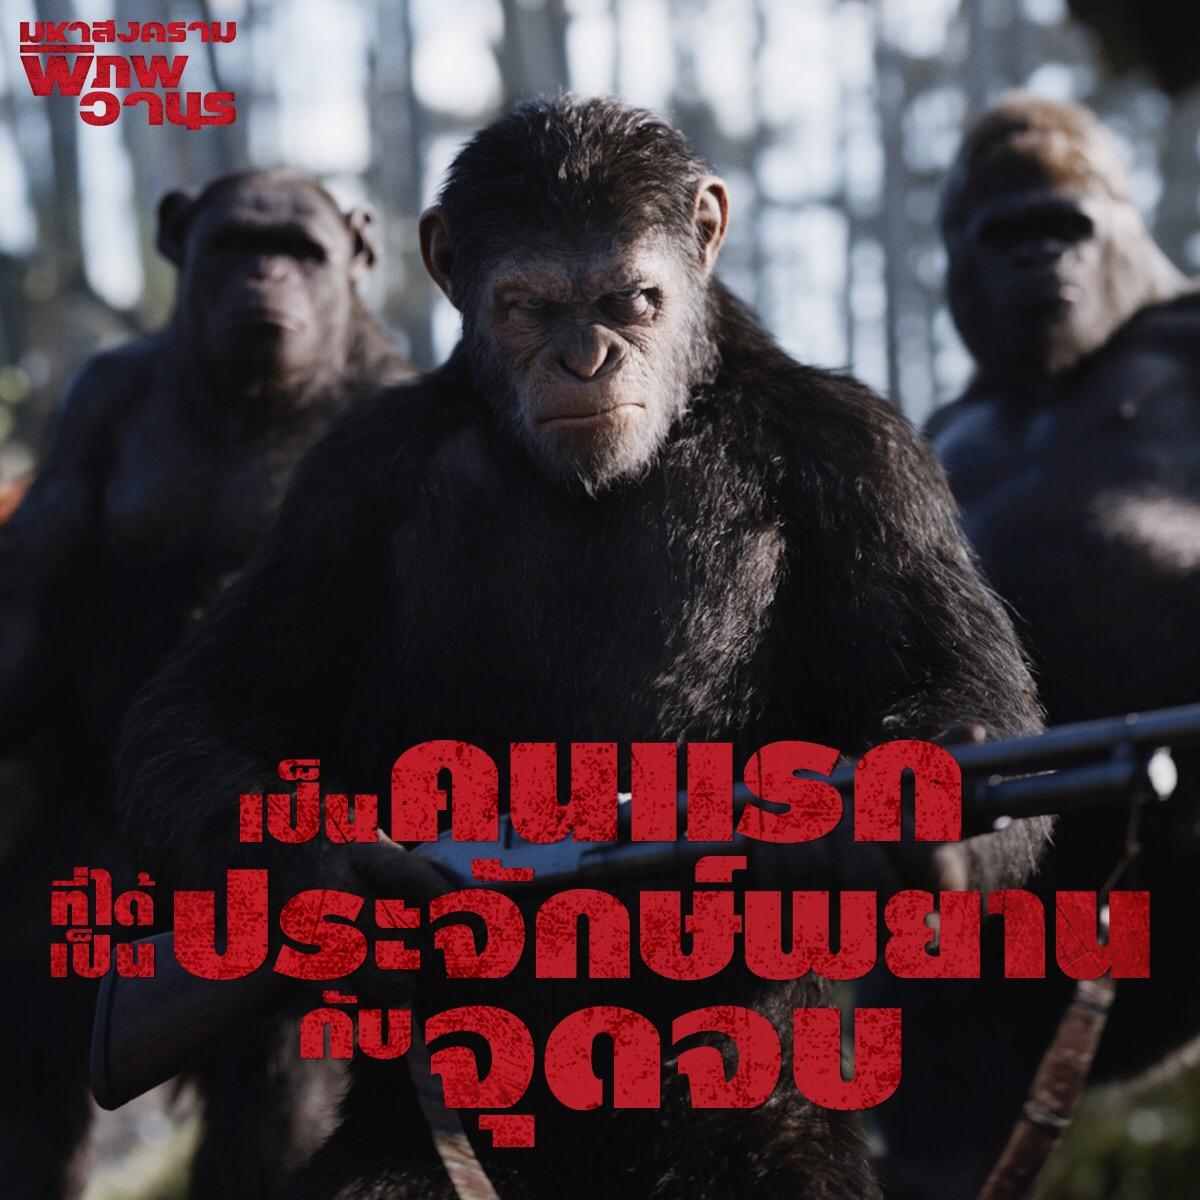 เผยเบื้องหลังวิชวลเอ๊ฟเฟ็กต์ระดับคุณภาพ กับคลิปล่าสุดจาก War for the Planet of the Apes